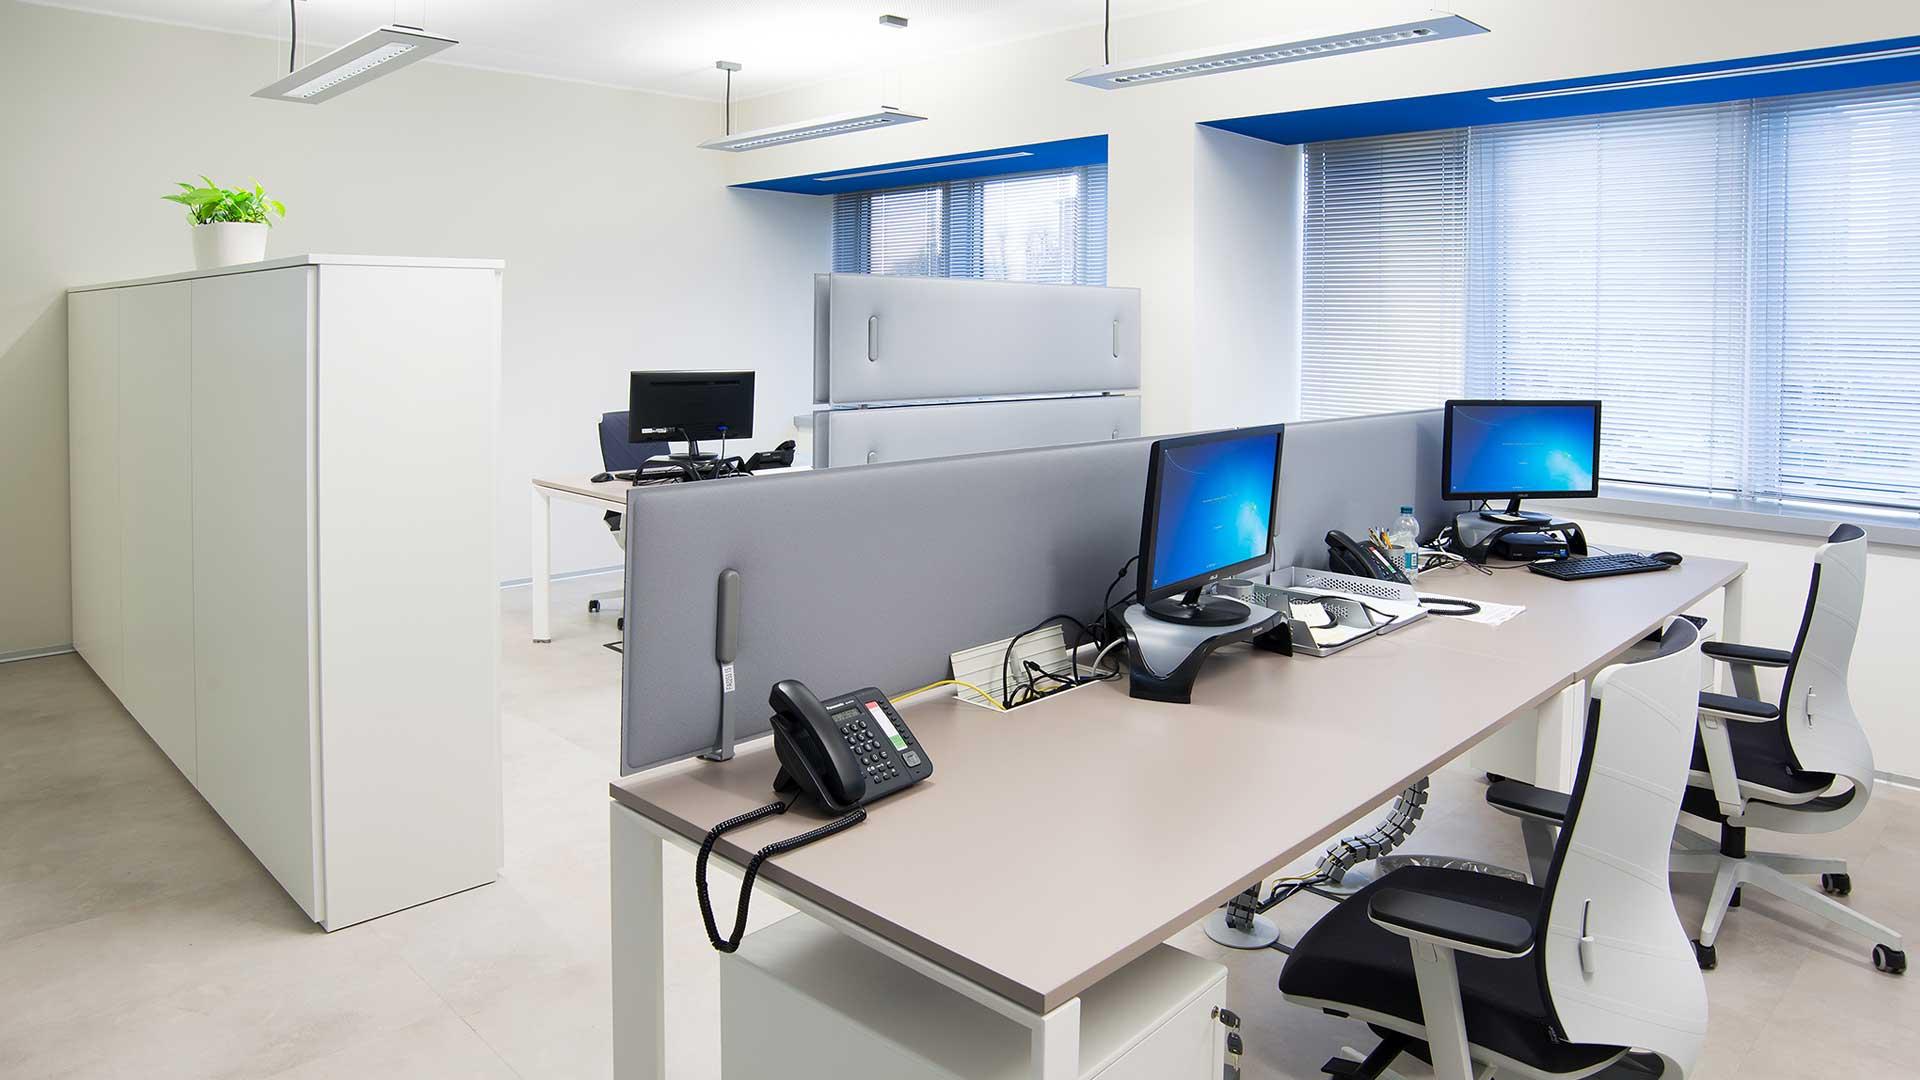 uffici-casio-isolamento-acustico-level-office-landscape